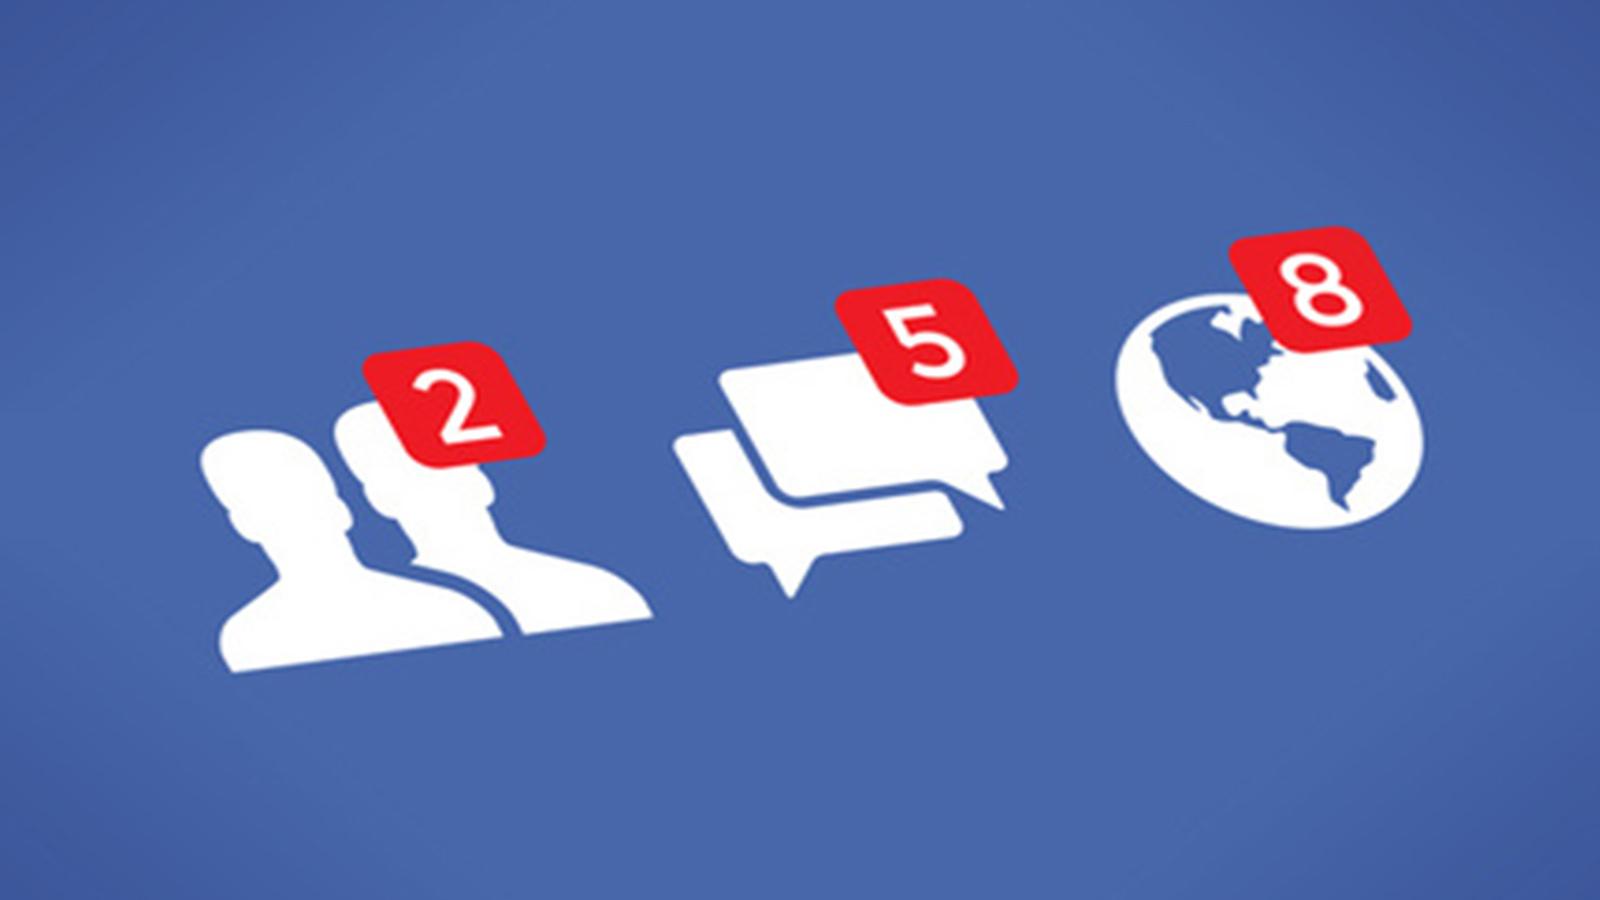 Facebook, bugün sosyal medya olarak andığımız uygulamaların başlangıç noktası. ad soyad bilgisiyle üye olduğumuz ve ilkokul arkadaşlarımızdan akrabalarımıza kadar tanıdığımız herkesle iletişim kurmamıza yarayan platform.